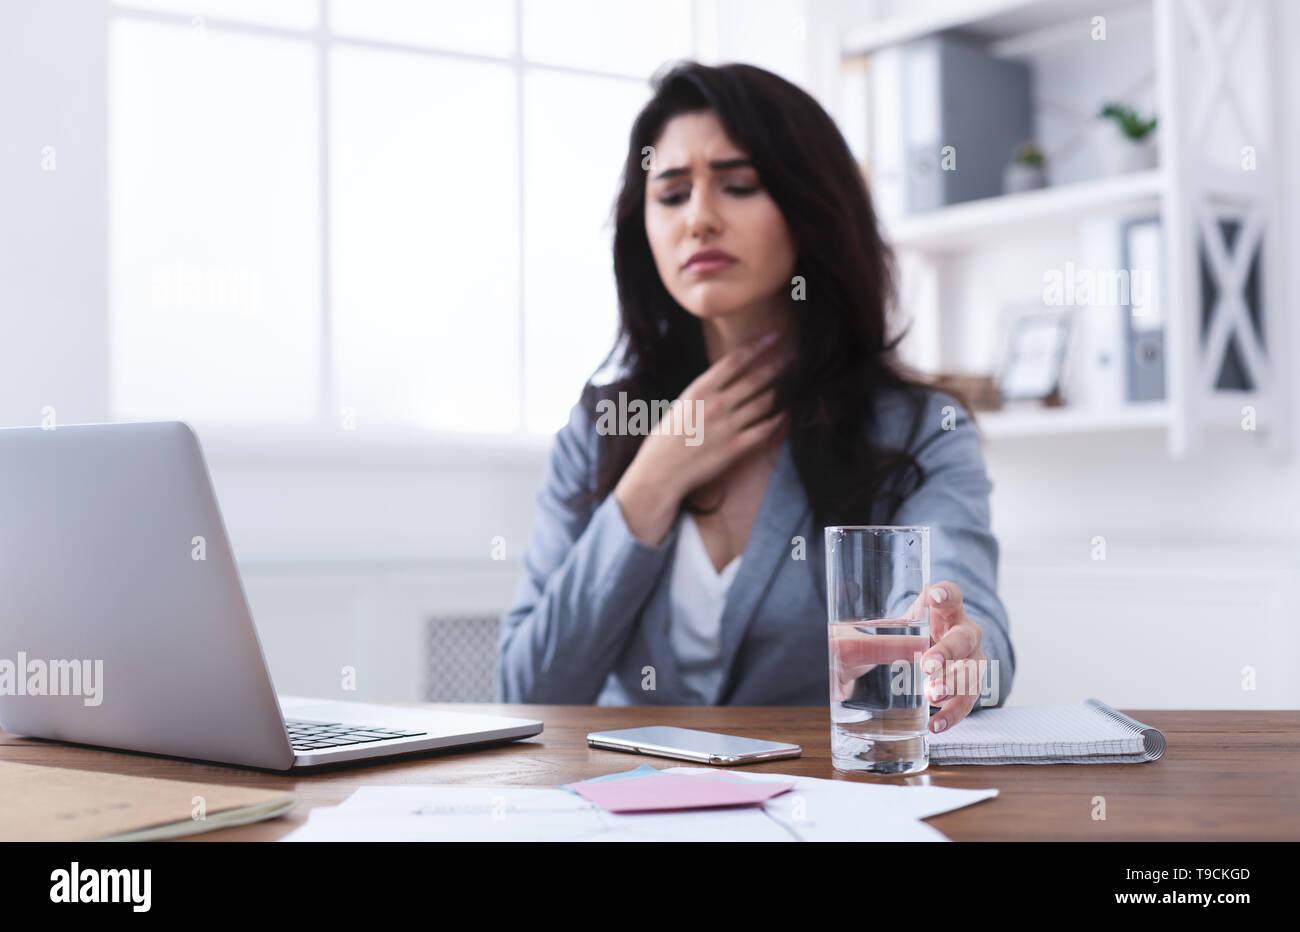 Malati imprenditrice con mal di gola cercando di lavorare Immagini Stock